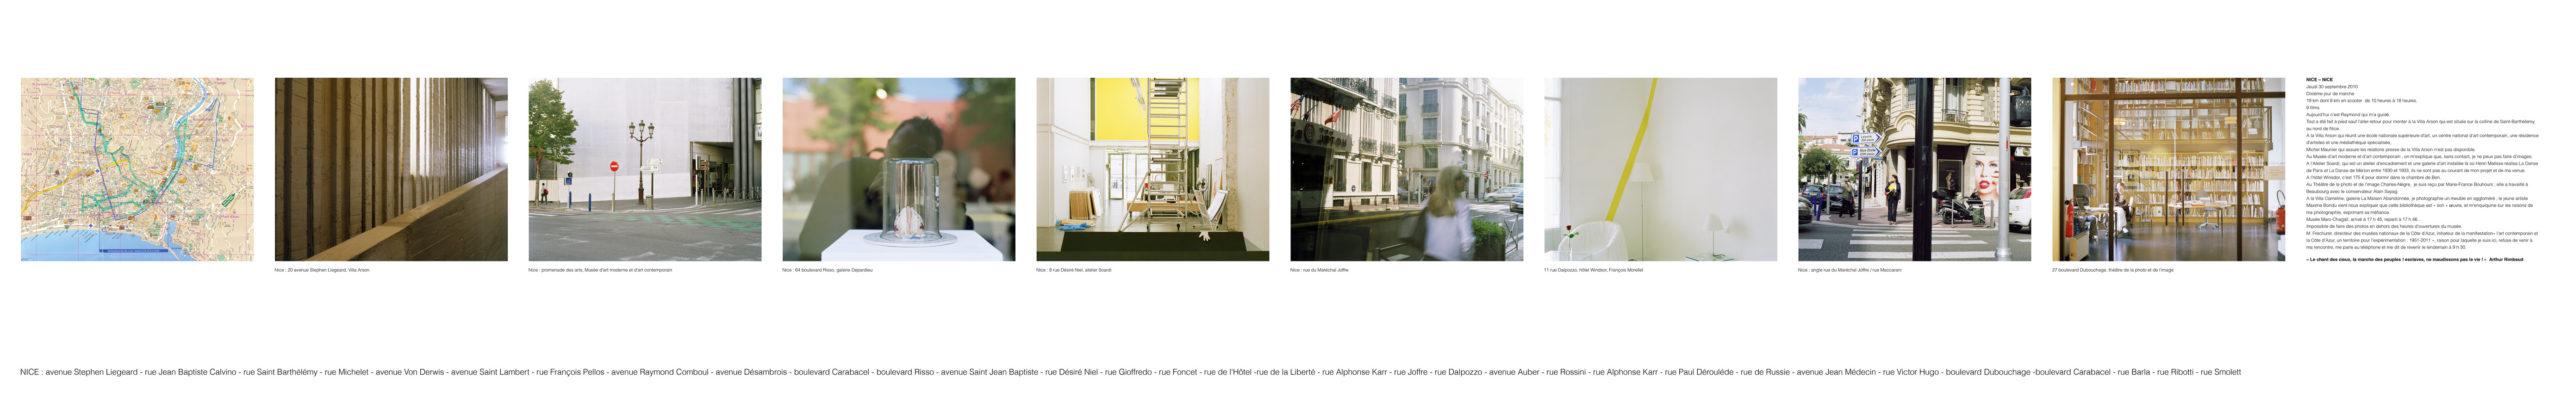 """""""L'art contemporain et la Côte d'Azur, un territoire pour l'expérimentation 1951-2011"""", marcher créer, déambulation, marche urbaine, paysage urbain, paysage périurbain, paysage de la campagne, territoire de la Côte d'Azur,"""